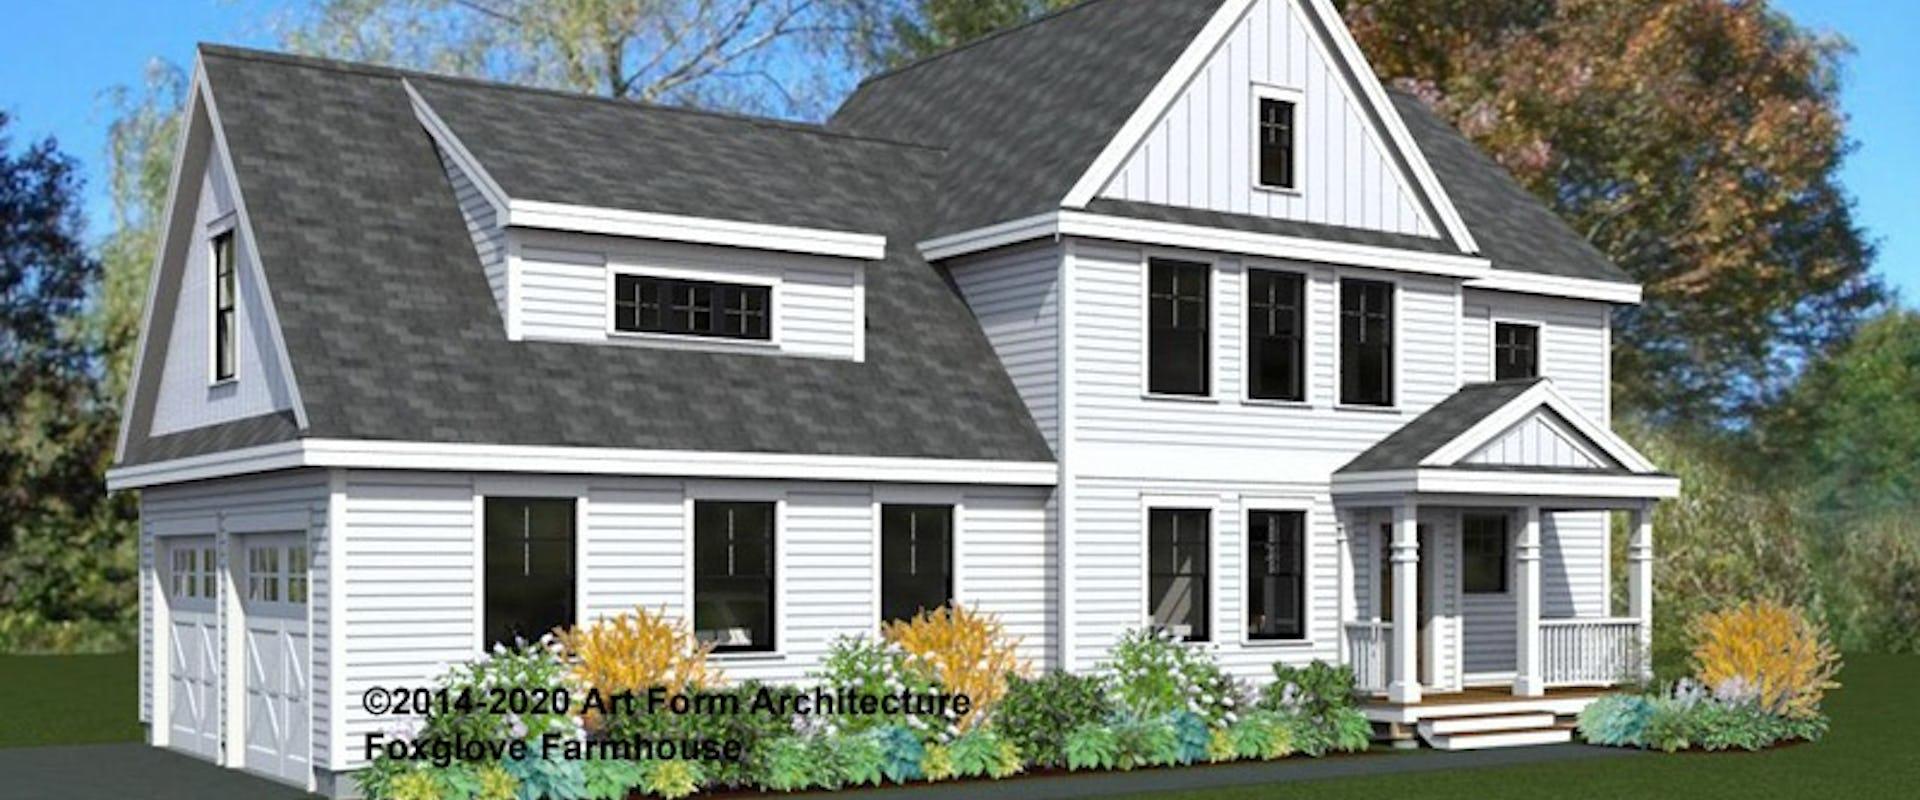 rendering of white foxglove farmhouse